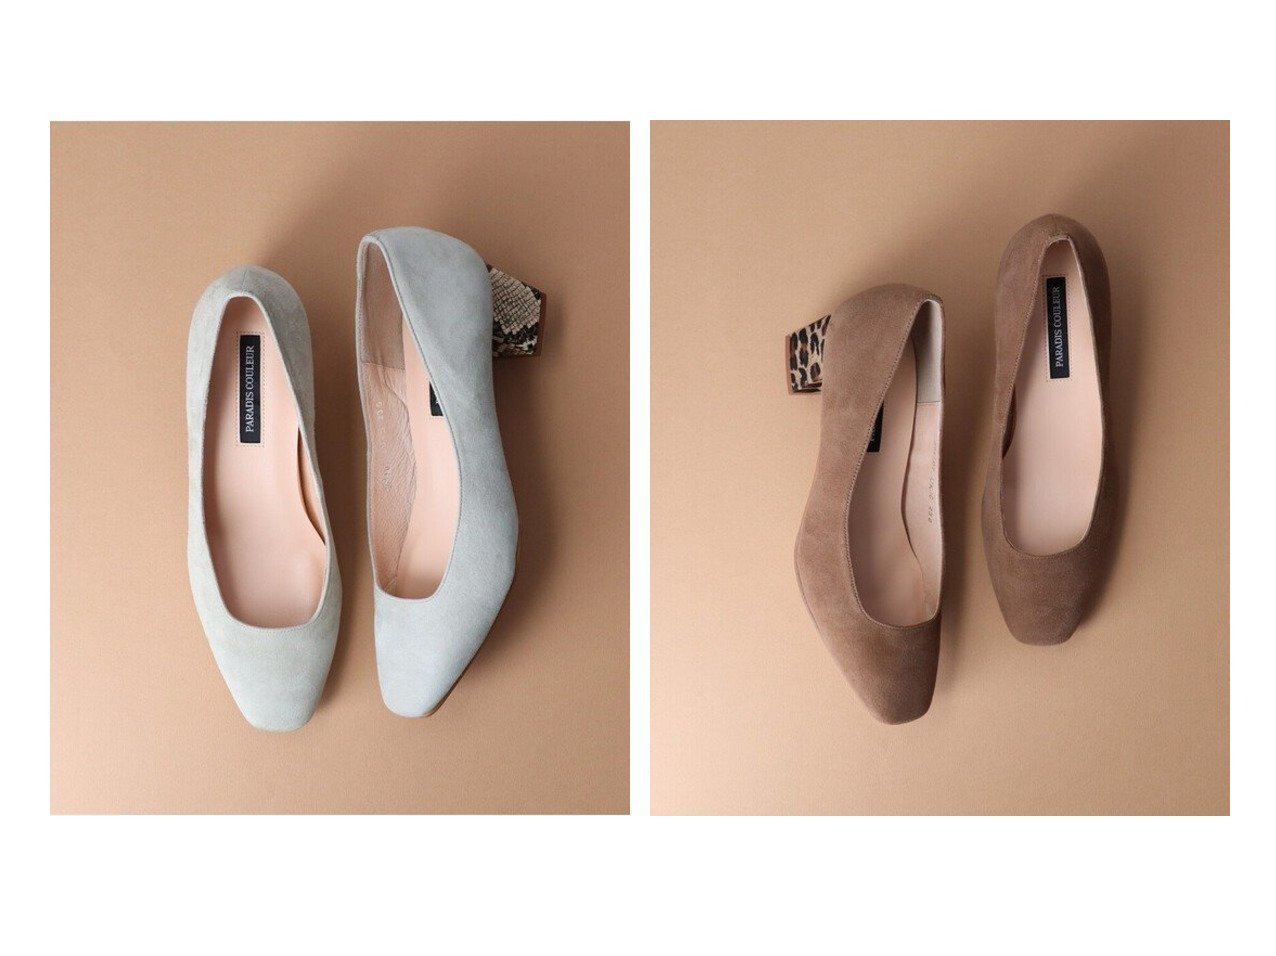 【Bridget Birkin/ブリジット バーキン】の【PARADIS COULEUR】スクエアカットプレーンパンプス 【シューズ・靴】おすすめ!人気、トレンド・レディースファッションの通販  おすすめで人気の流行・トレンド、ファッションの通販商品 メンズファッション・キッズファッション・インテリア・家具・レディースファッション・服の通販 founy(ファニー) https://founy.com/ ファッション Fashion レディースファッション WOMEN 送料無料 Free Shipping スクエア |ID:crp329100000026280